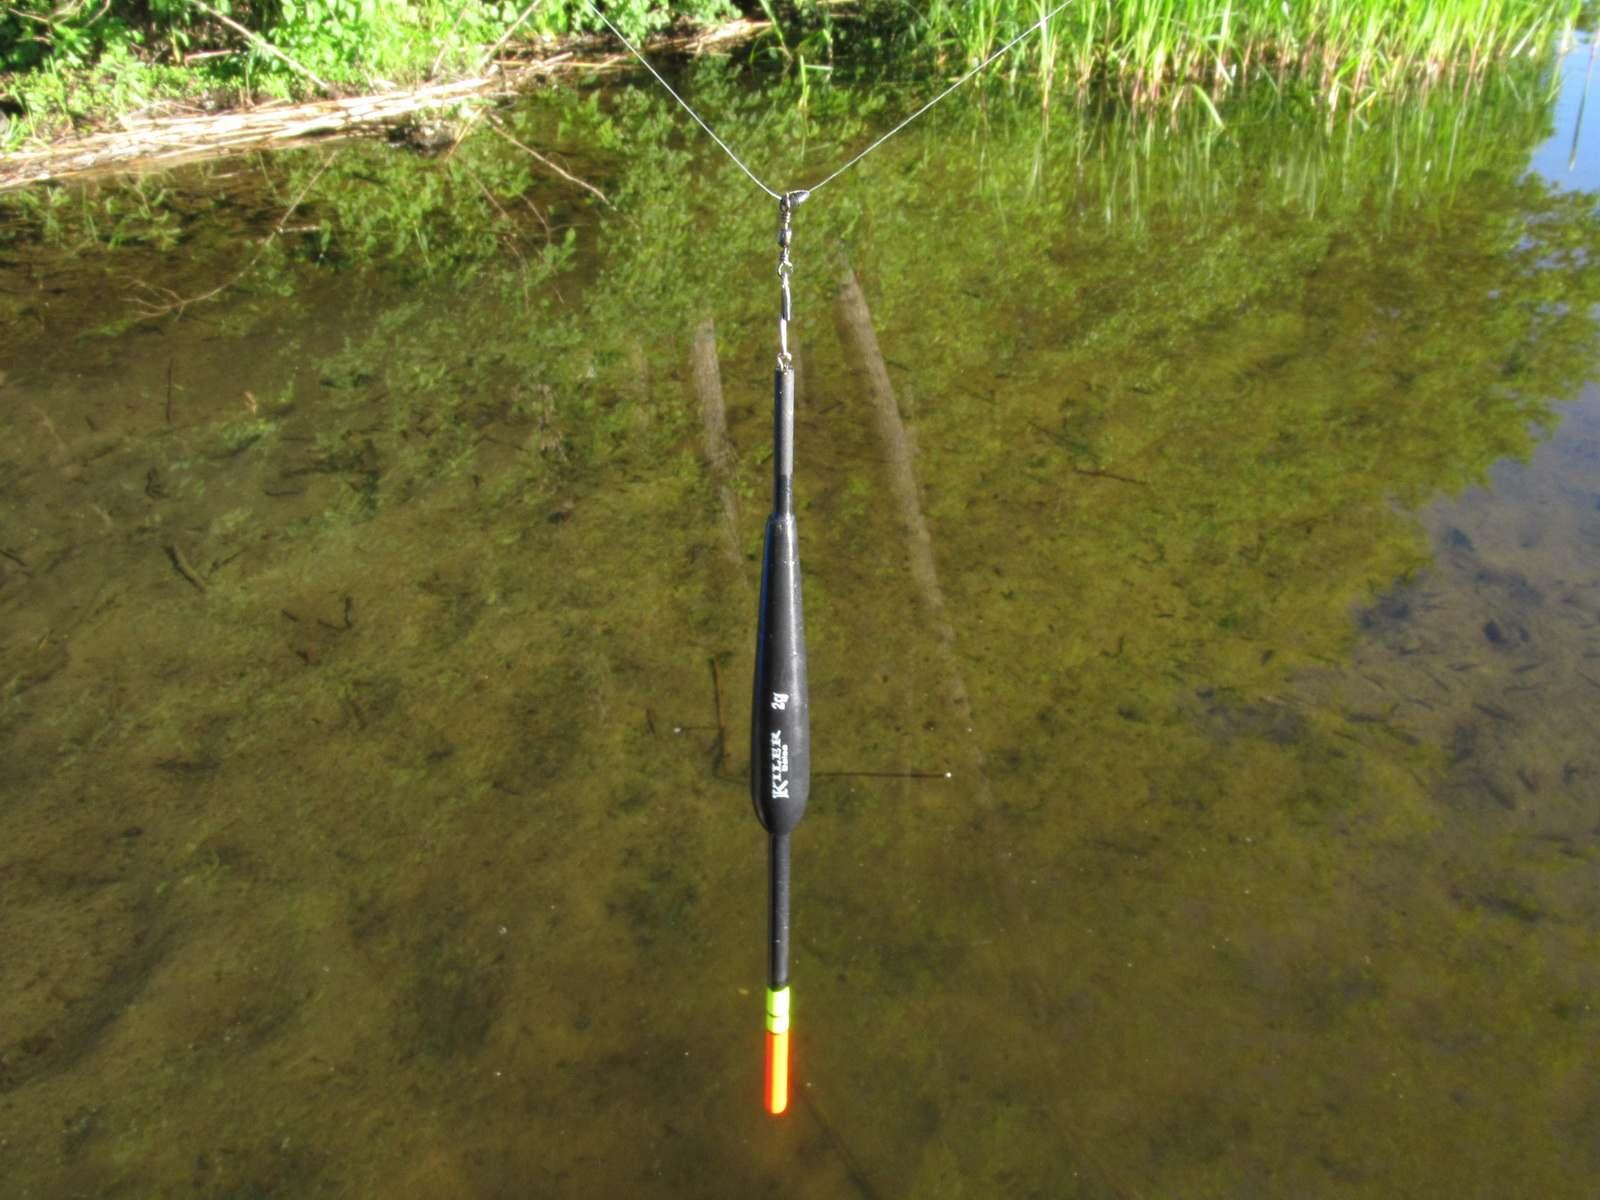 Рыбалка на маховую удочку весной, Ловля весной на маховую удочку Рыбалка - клев тут 16 фотография